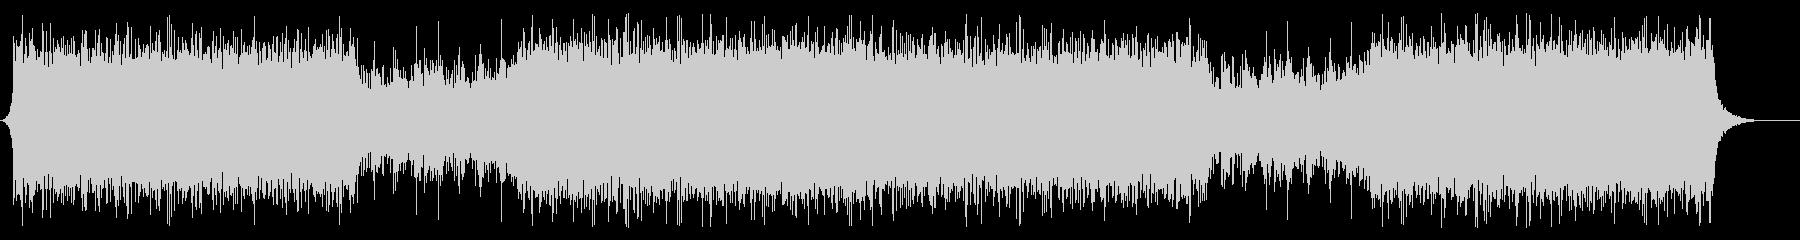 アグレッシブで疾走感のあるアクション音楽の未再生の波形